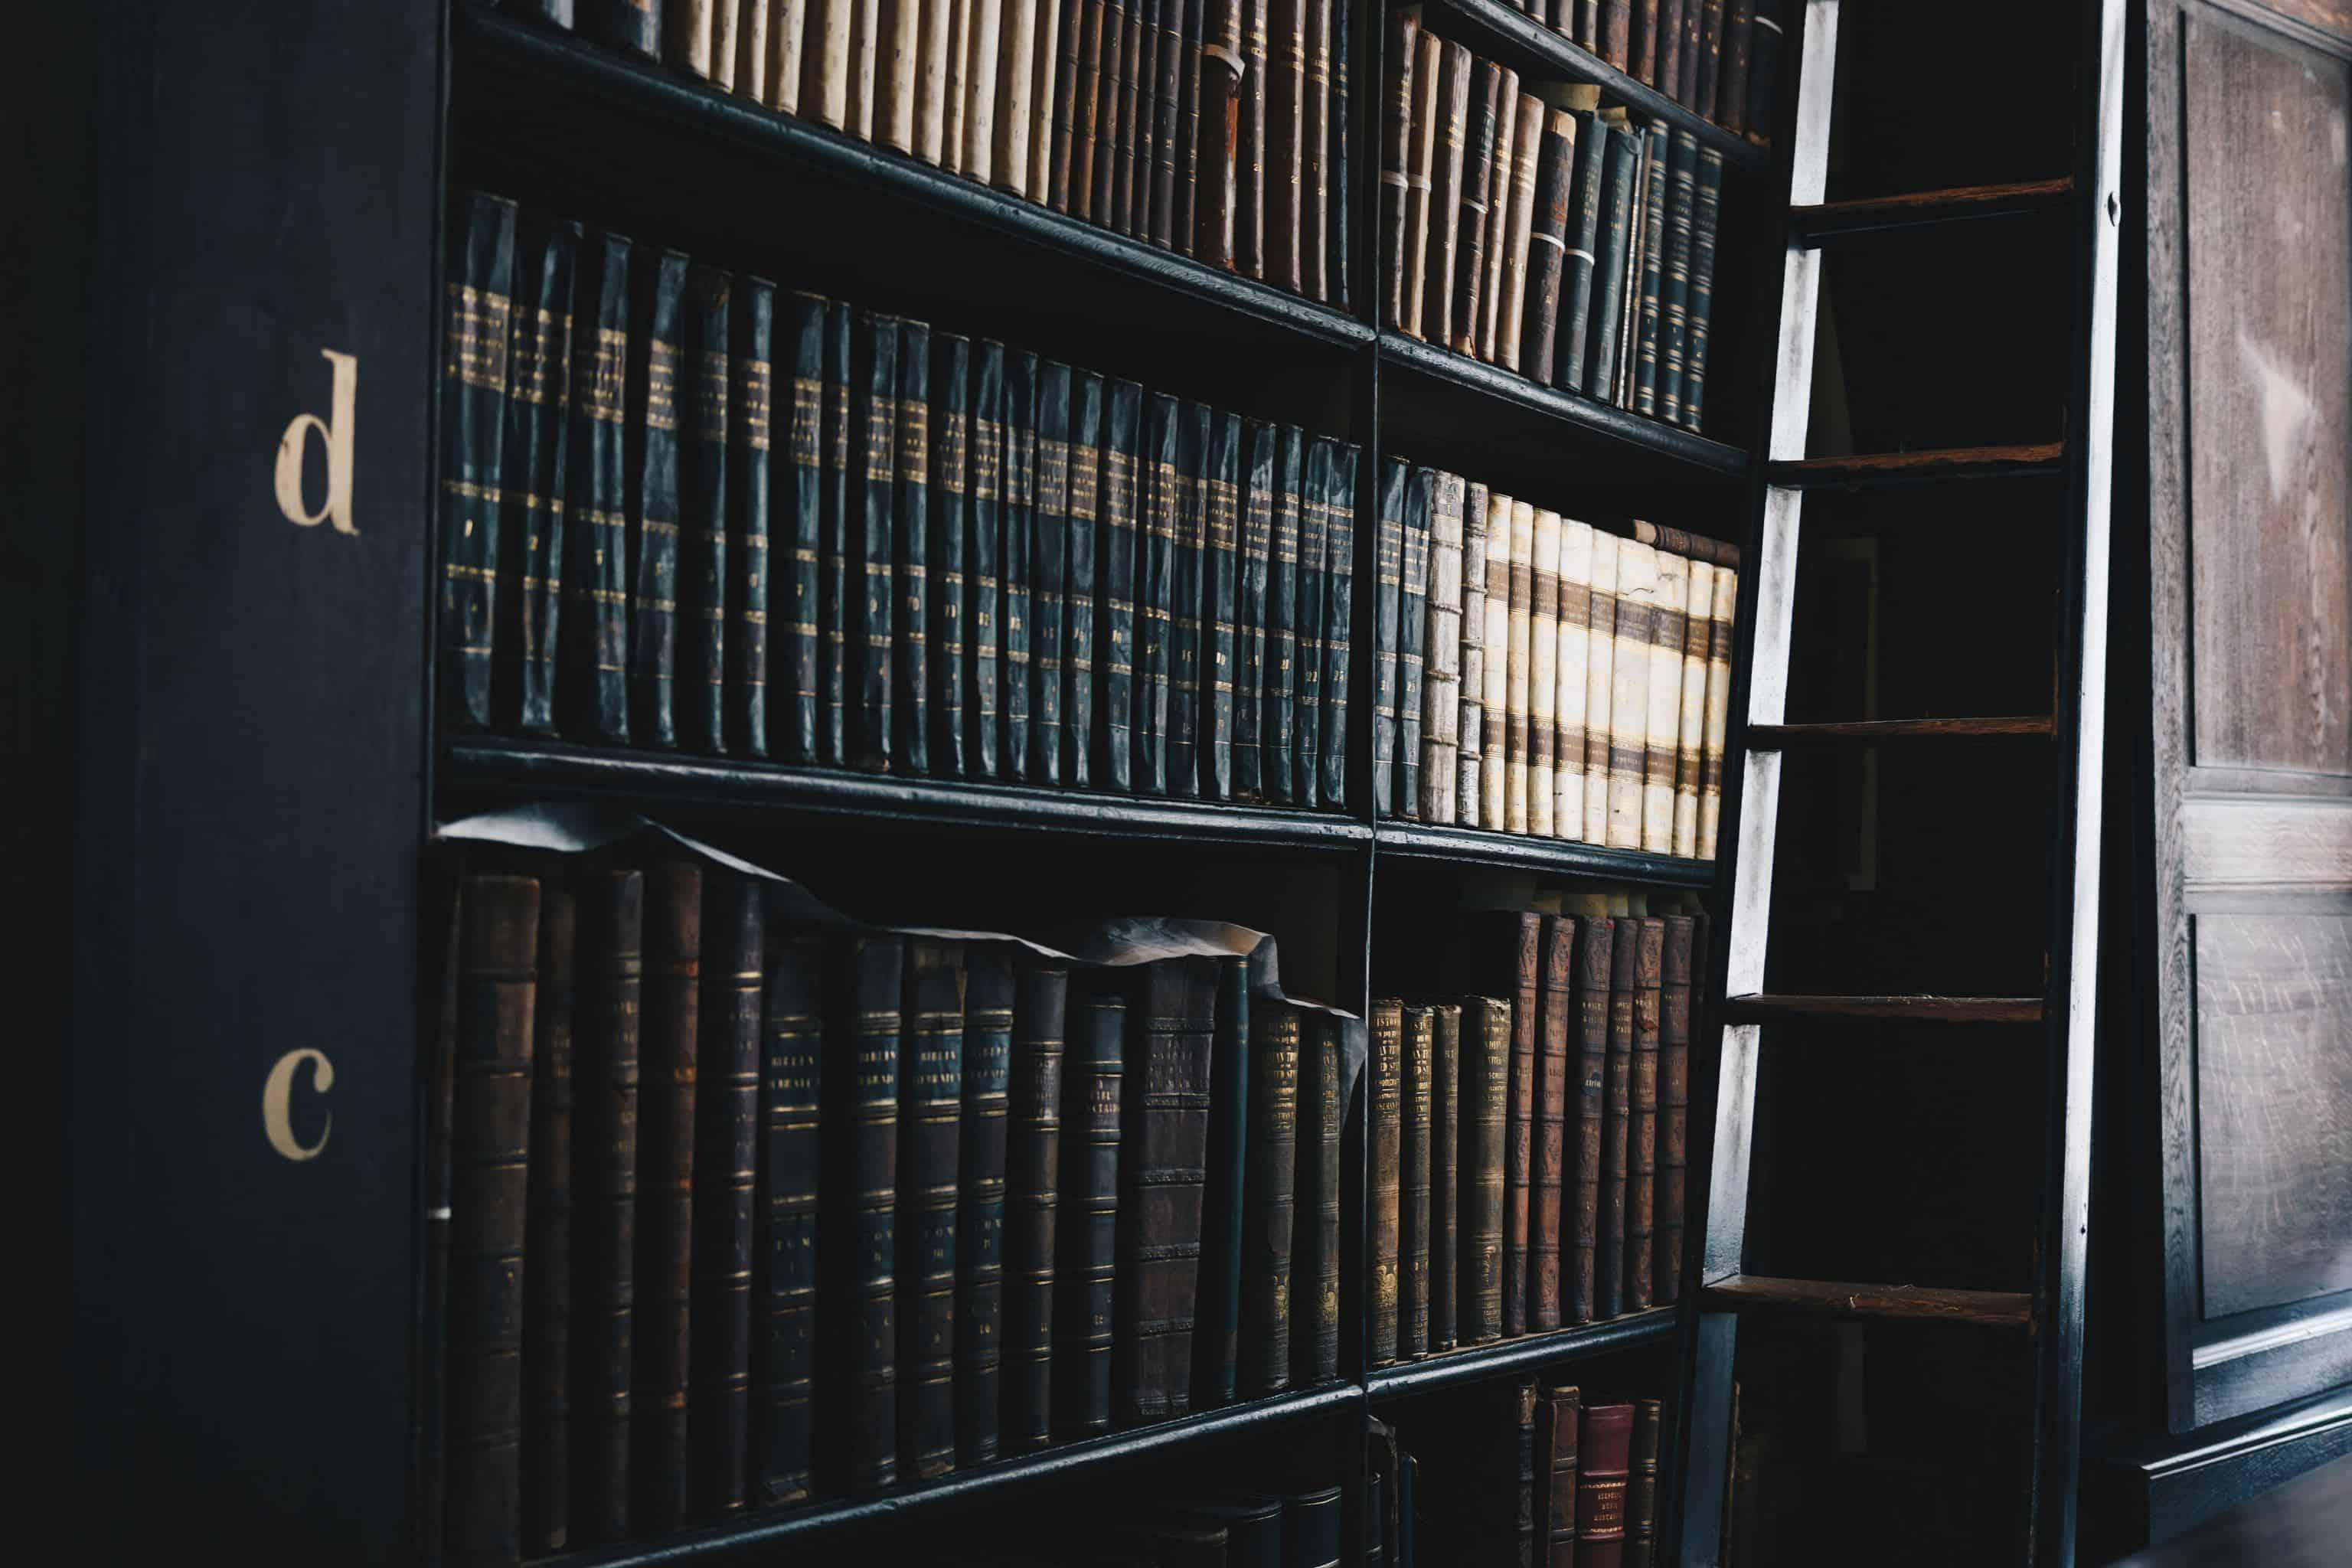 Regal mit Büchern als Symbol für Gesetzestexte und Rechtssprechung